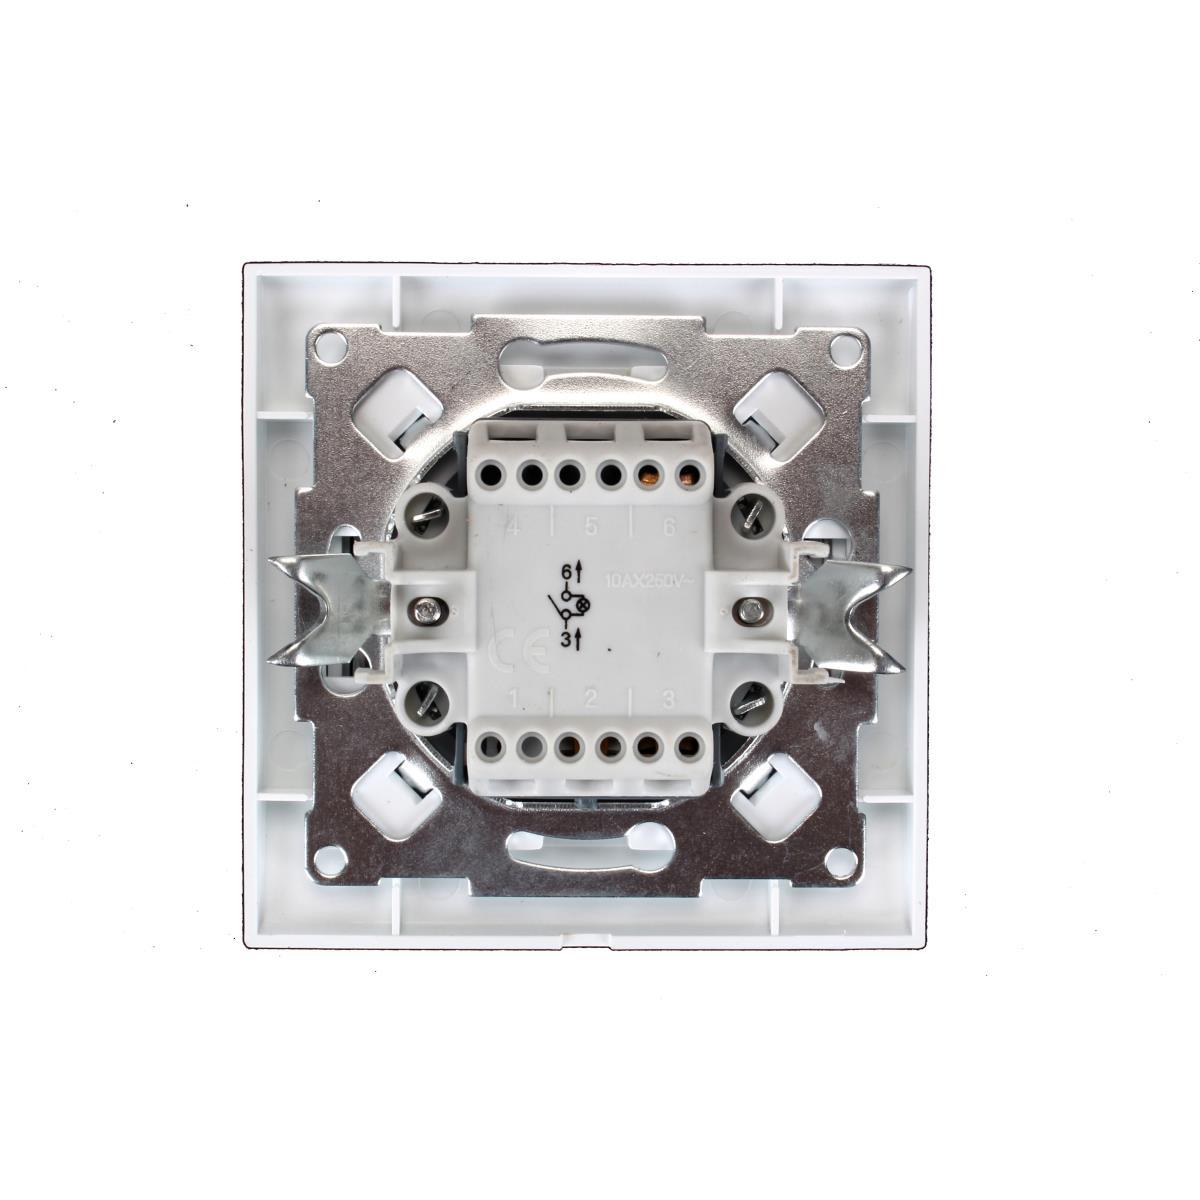 Unterputz Lichtschalter beleuchtet weiß 10 A, 230 V,OKKO,9209-01N, 4772013048558